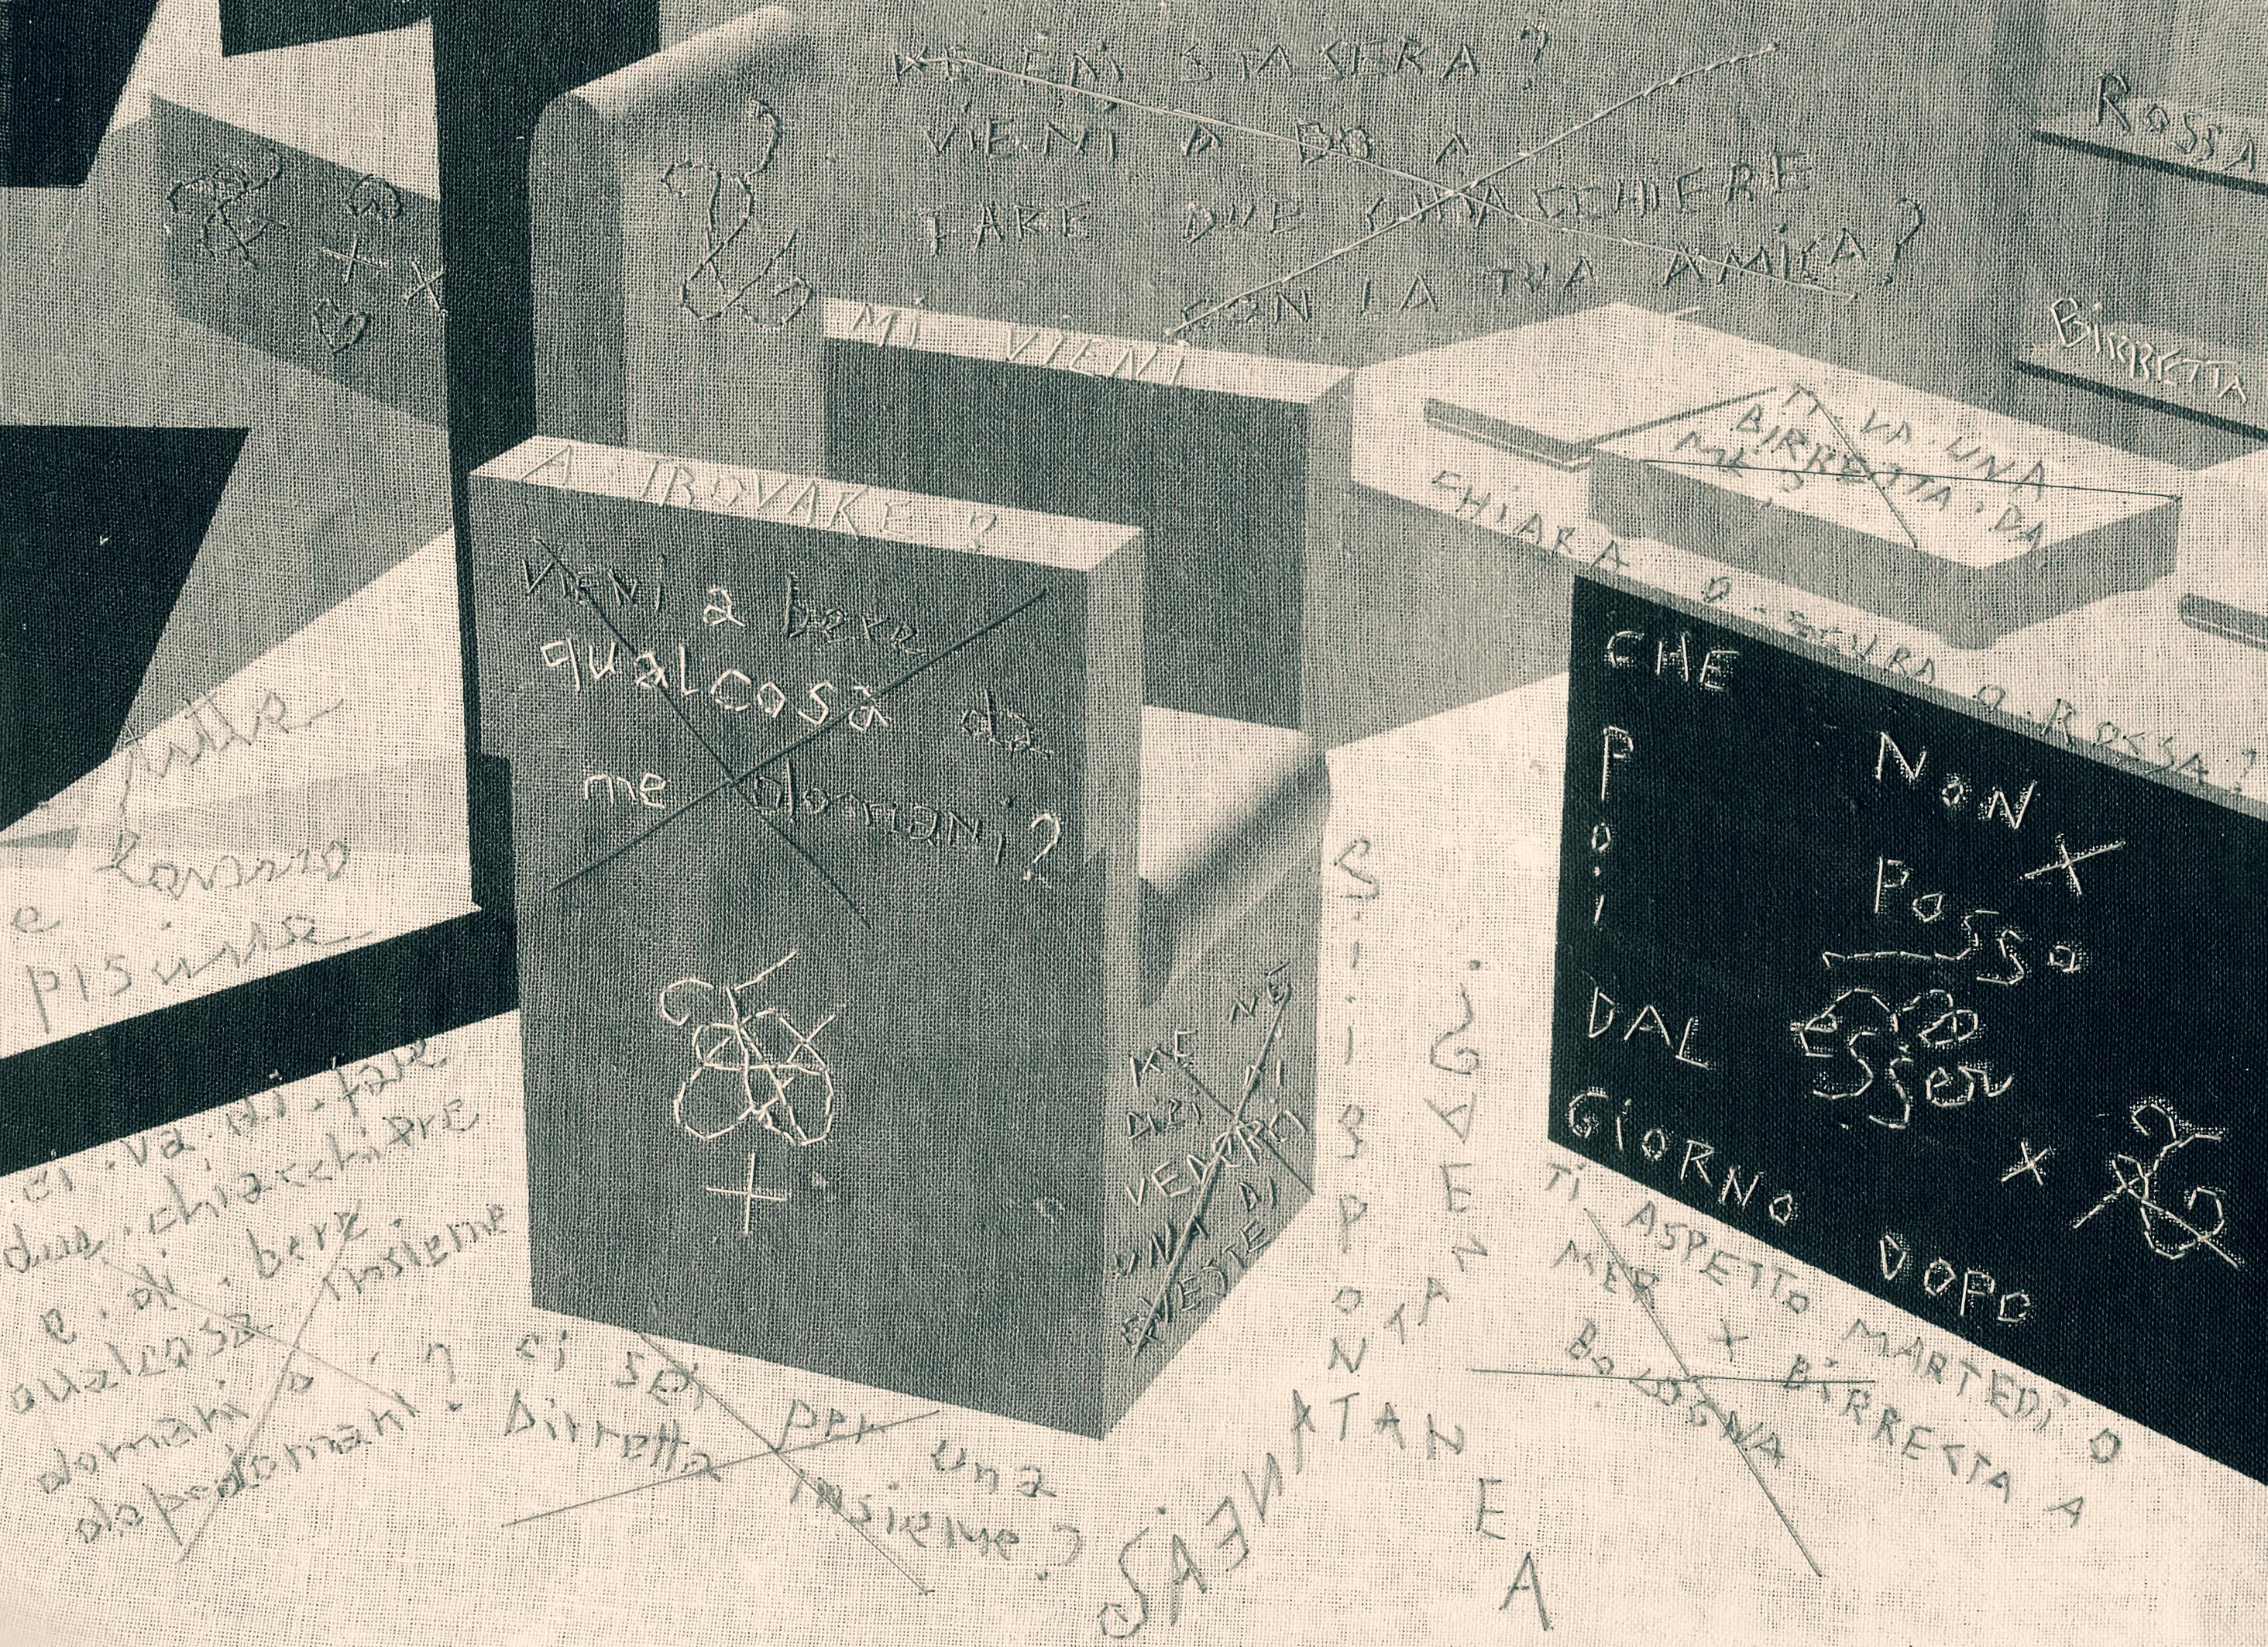 La Credenza Arthur Rimbaud : La credenza arthur rimbaud di diaboliche cose misteri colori e